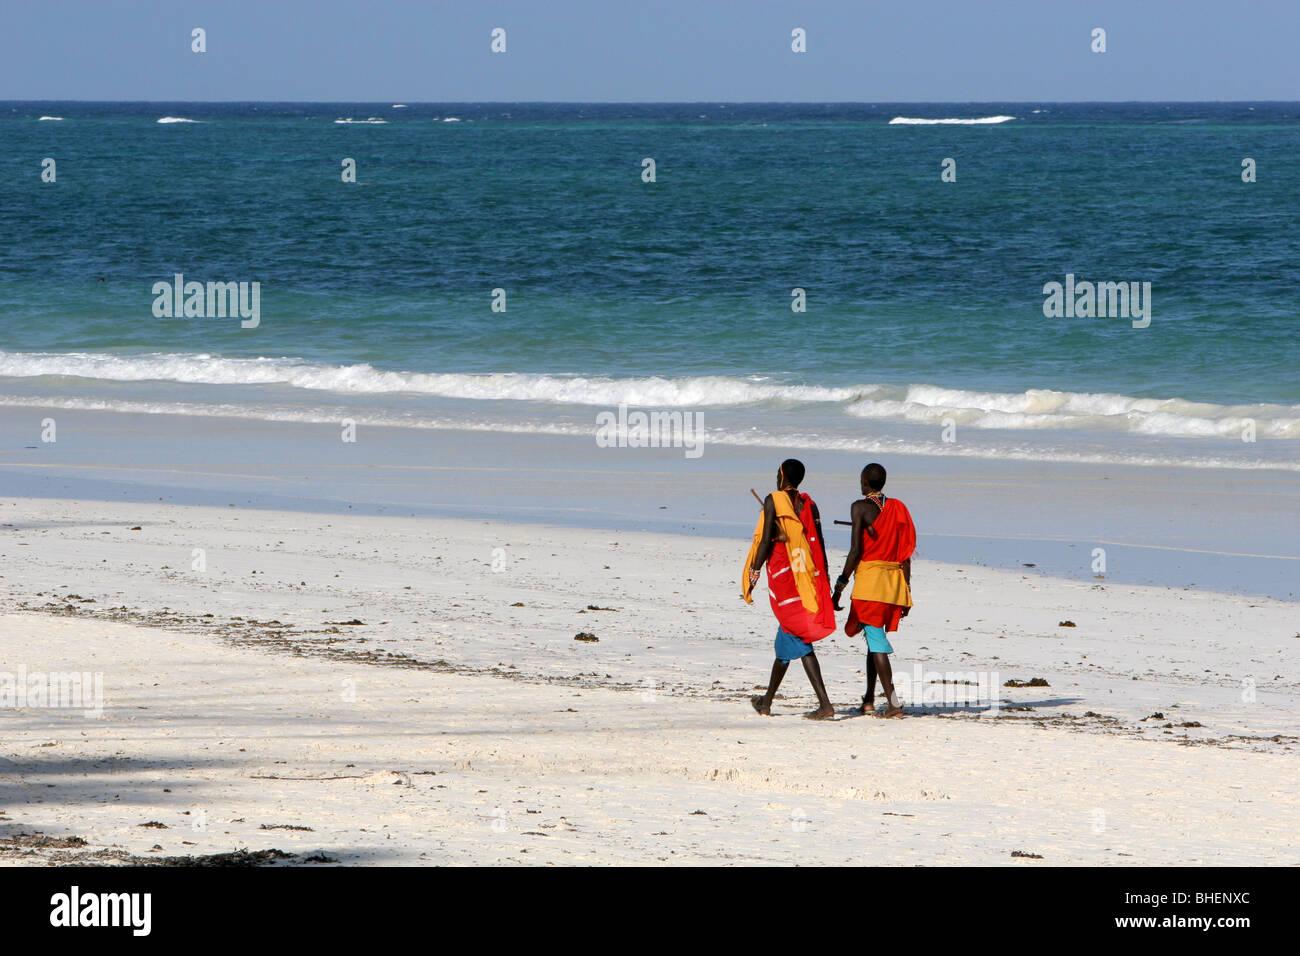 Kenyan Masai walking the beach by the Indian Ocean at Diani, Kenya - Stock Image